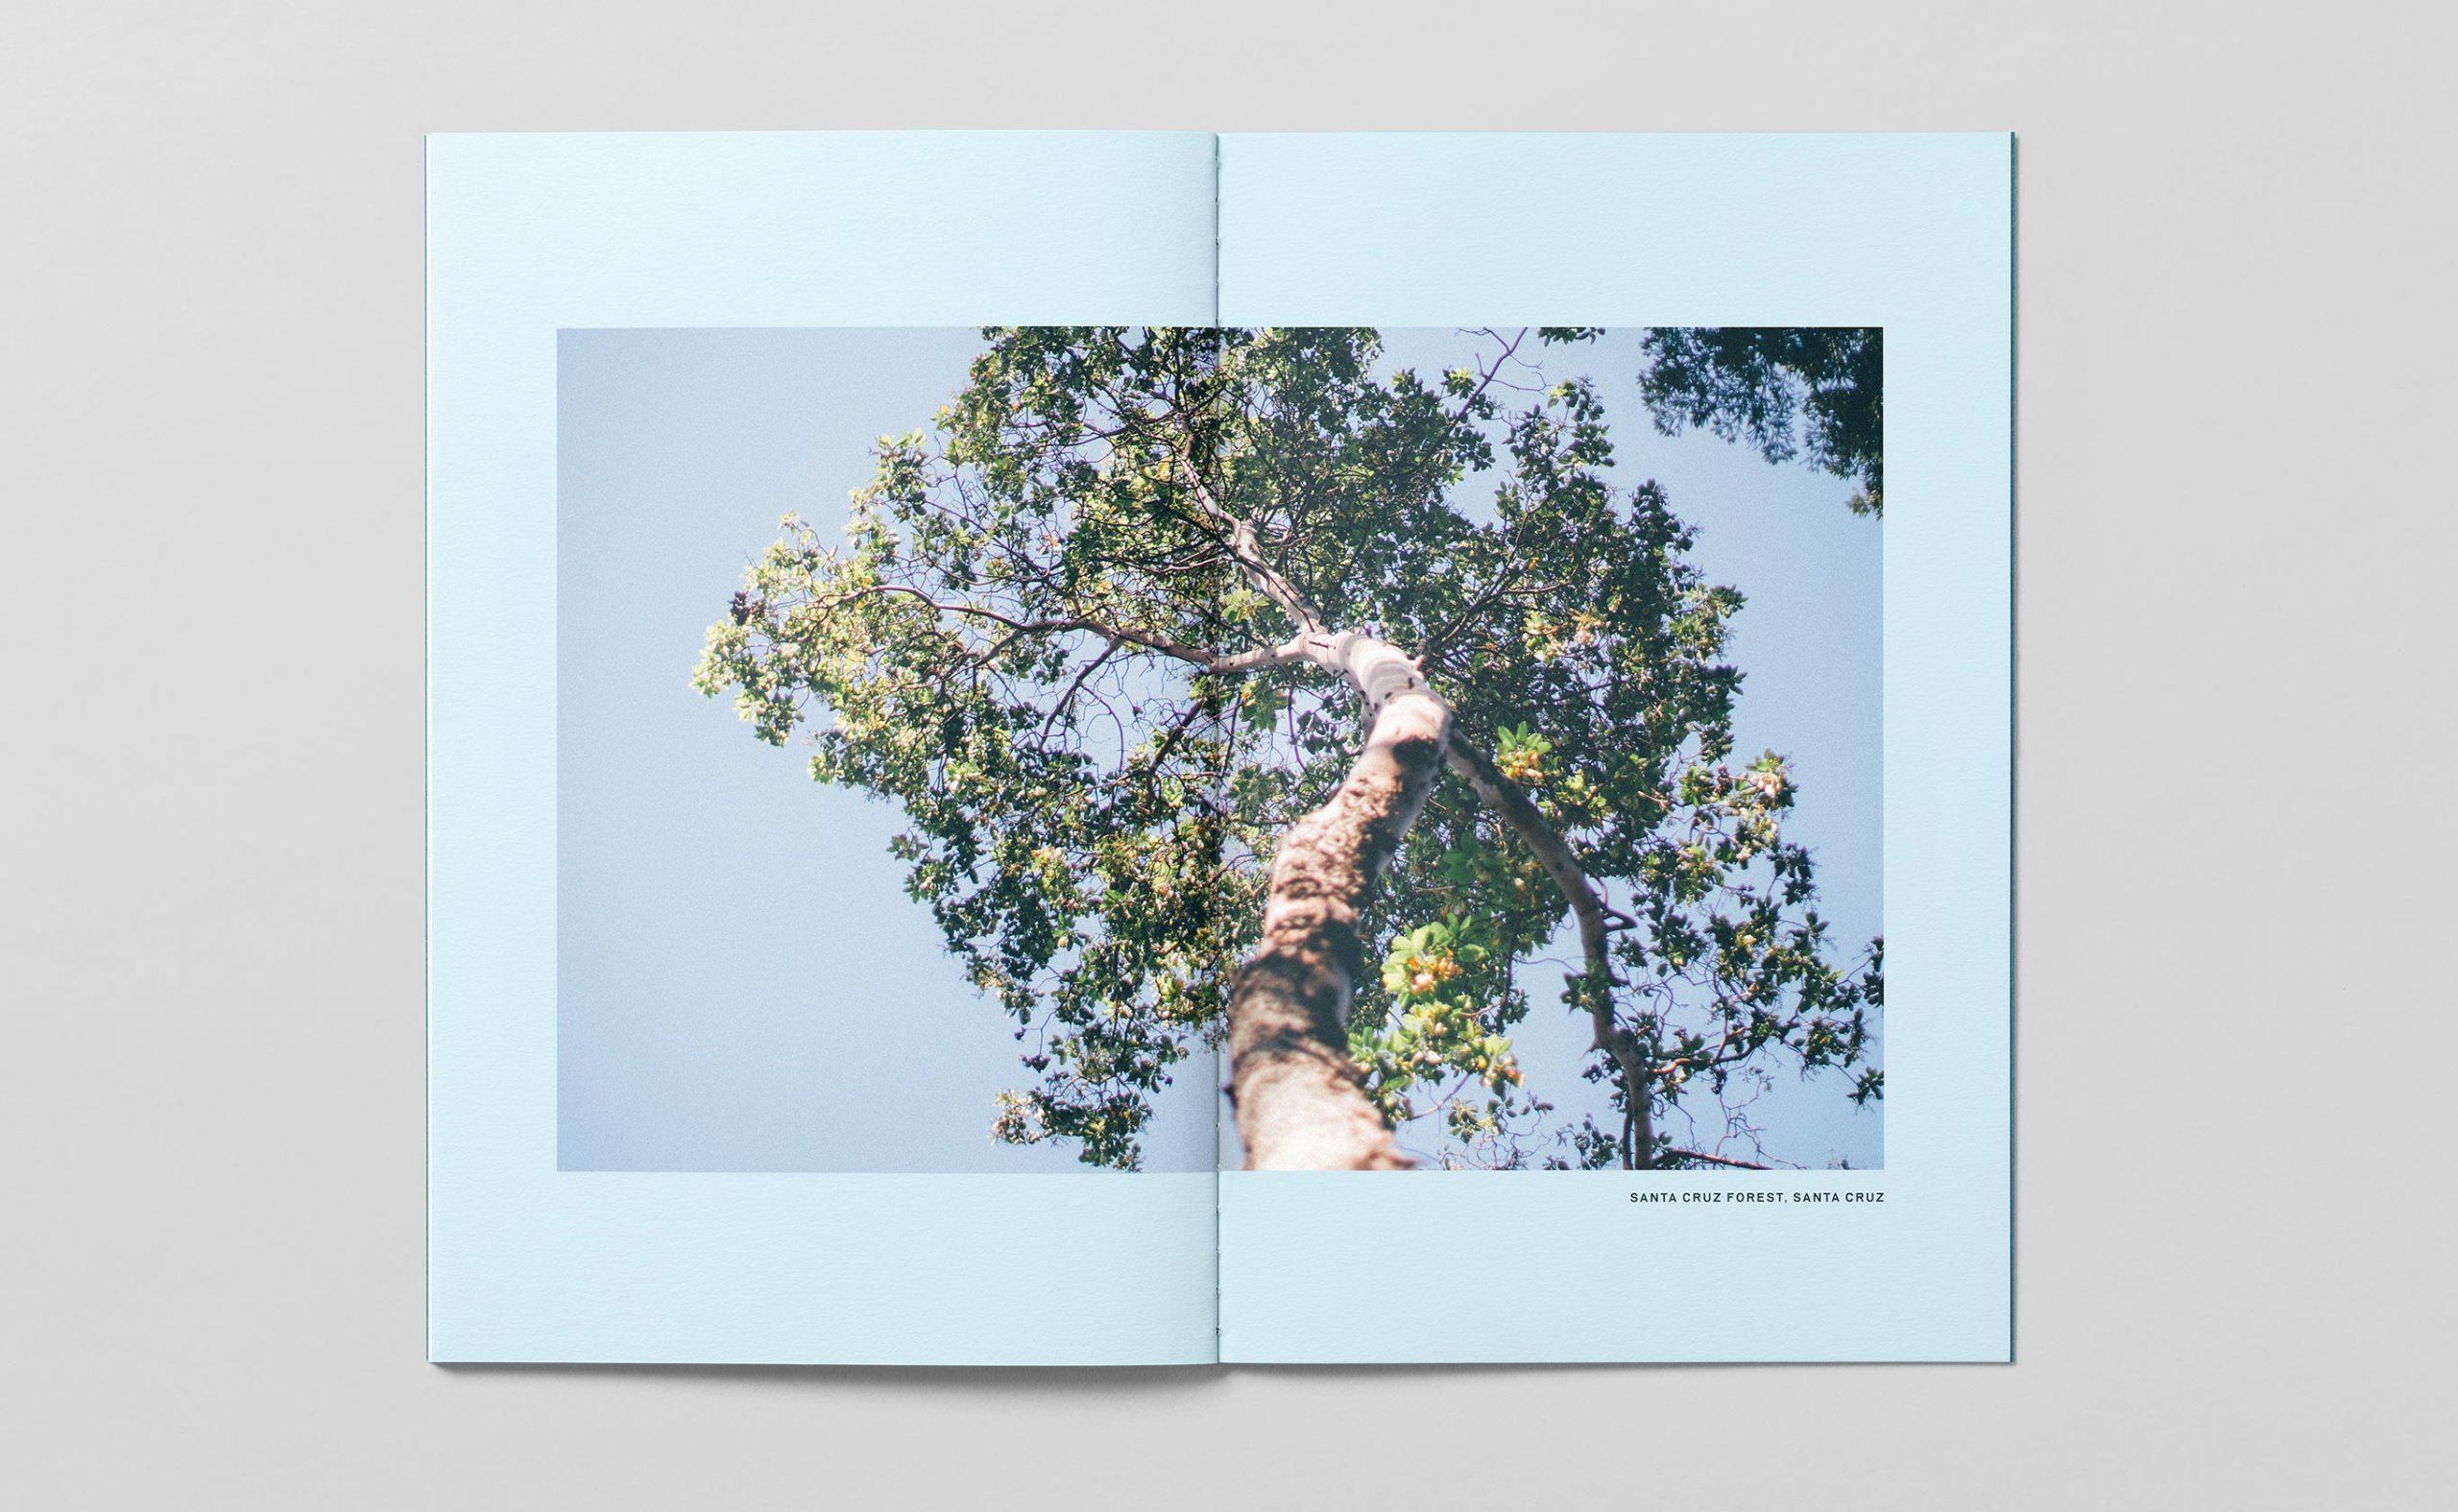 bpf_brochure-spread-5_2730x1680